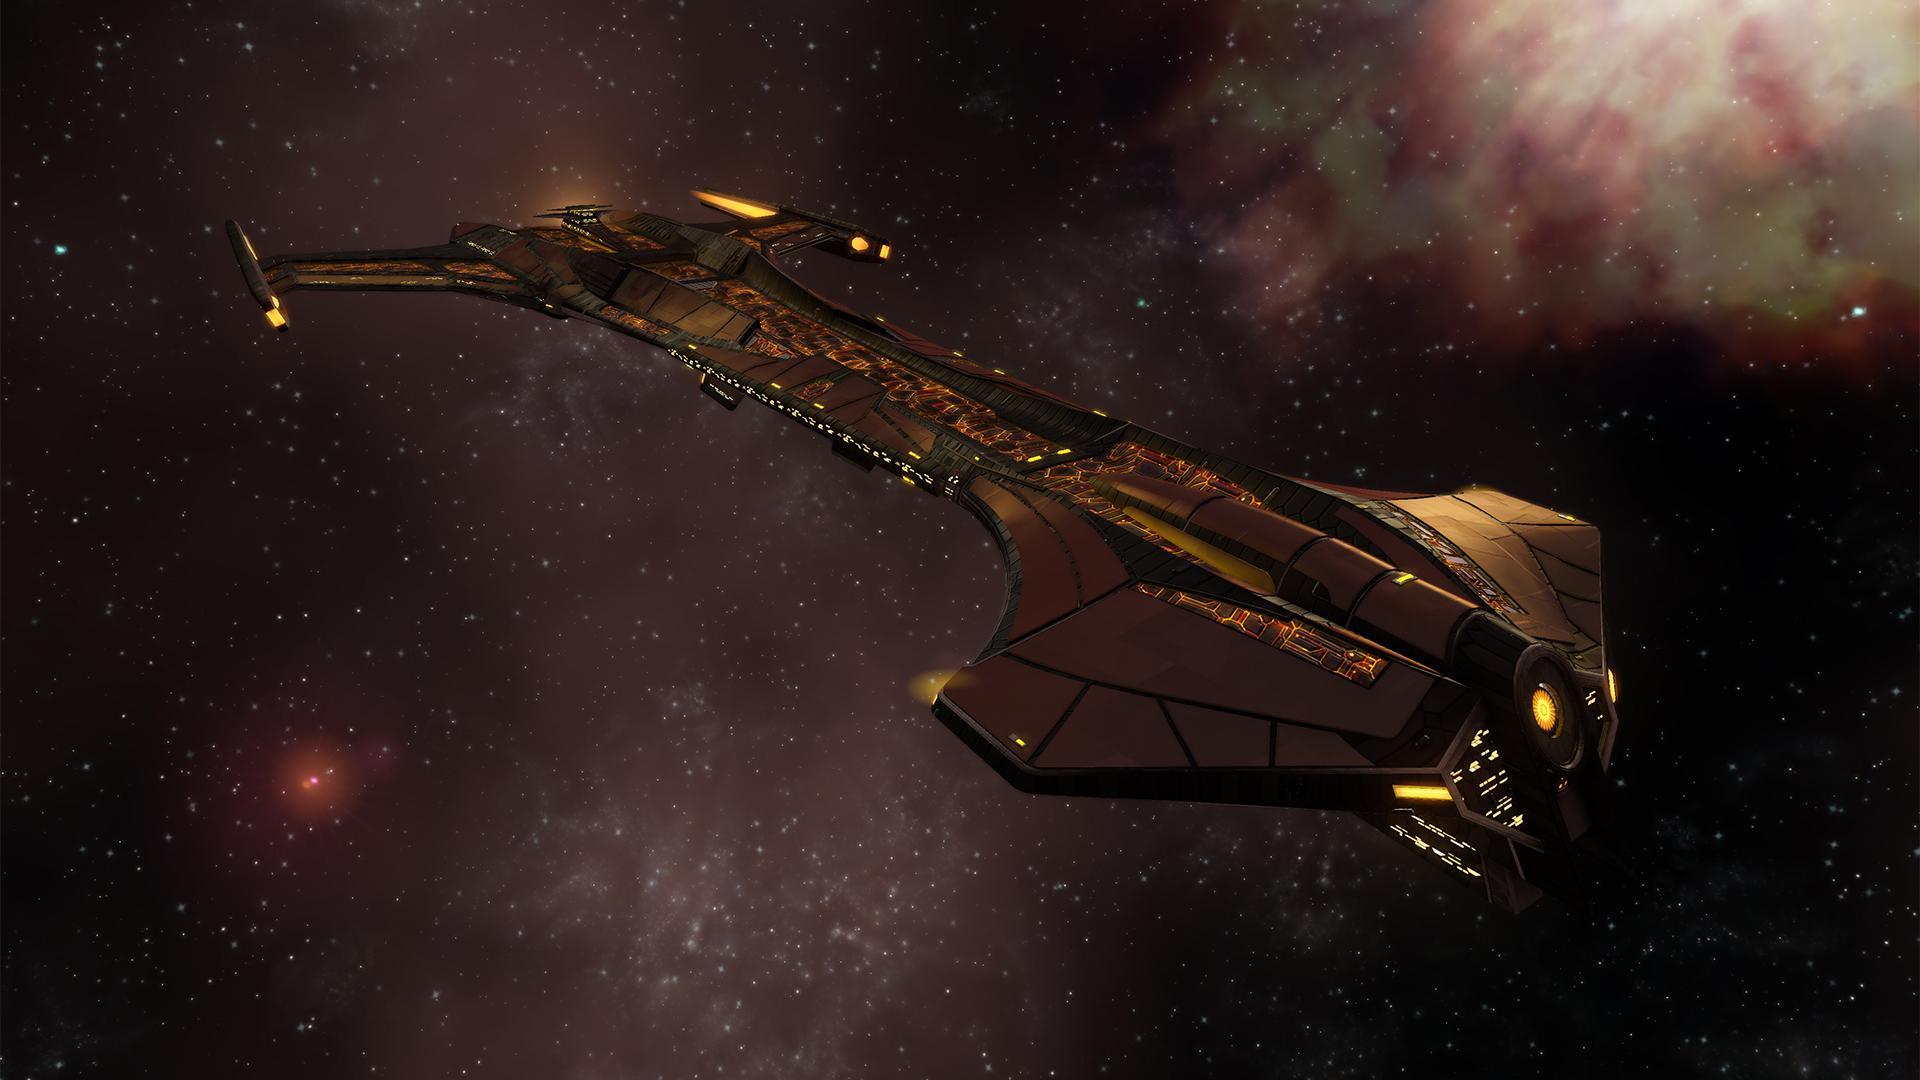 Klingon 26th Century Dreadnought